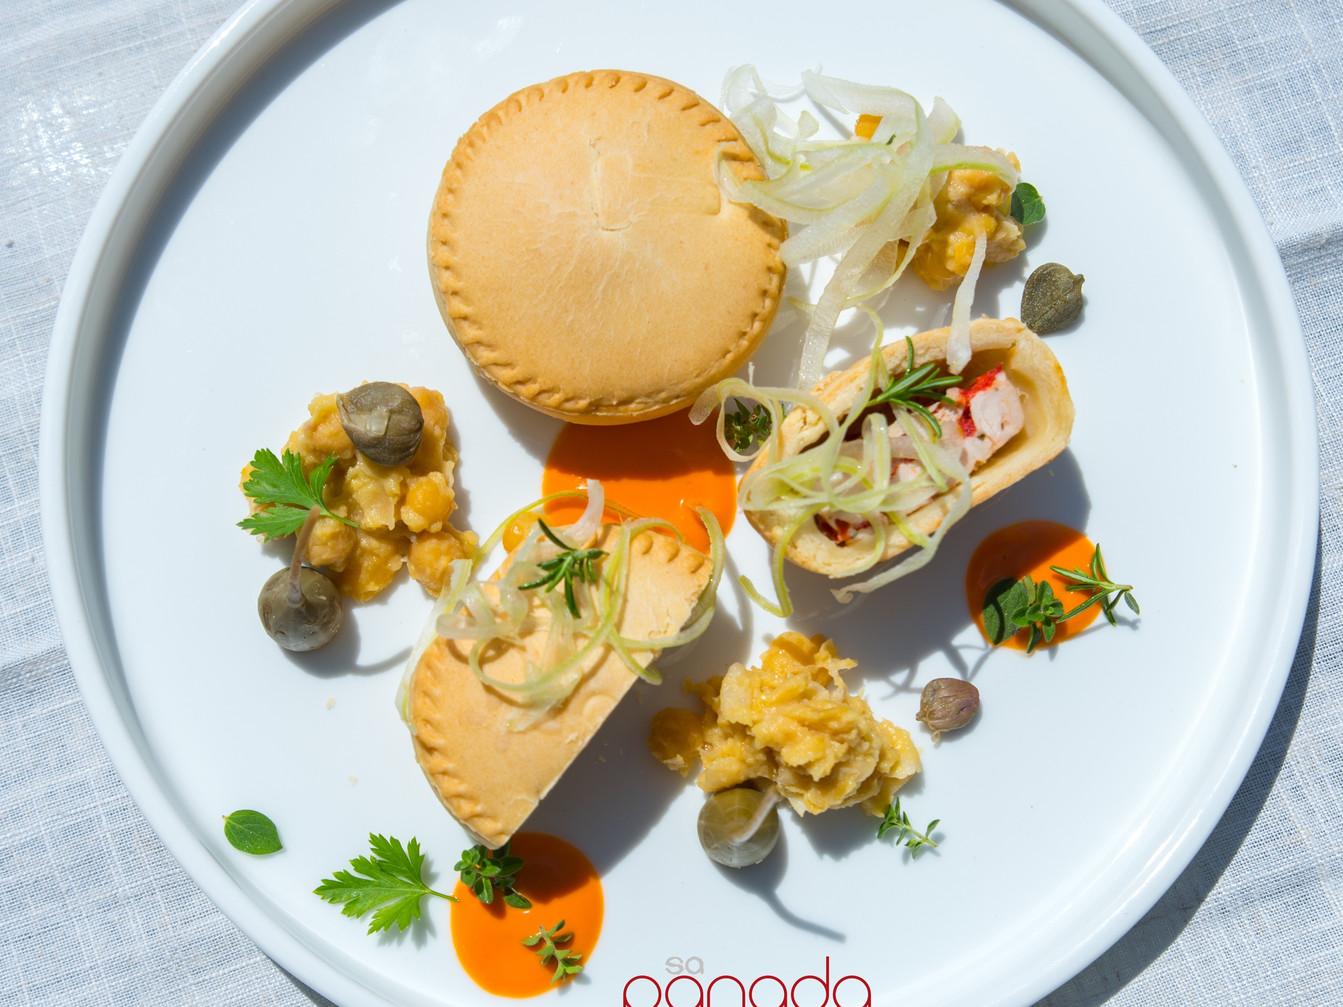 Panada di tacchino e peperoni su gazpacho di pomodoro camone, hummus e sedano croccante